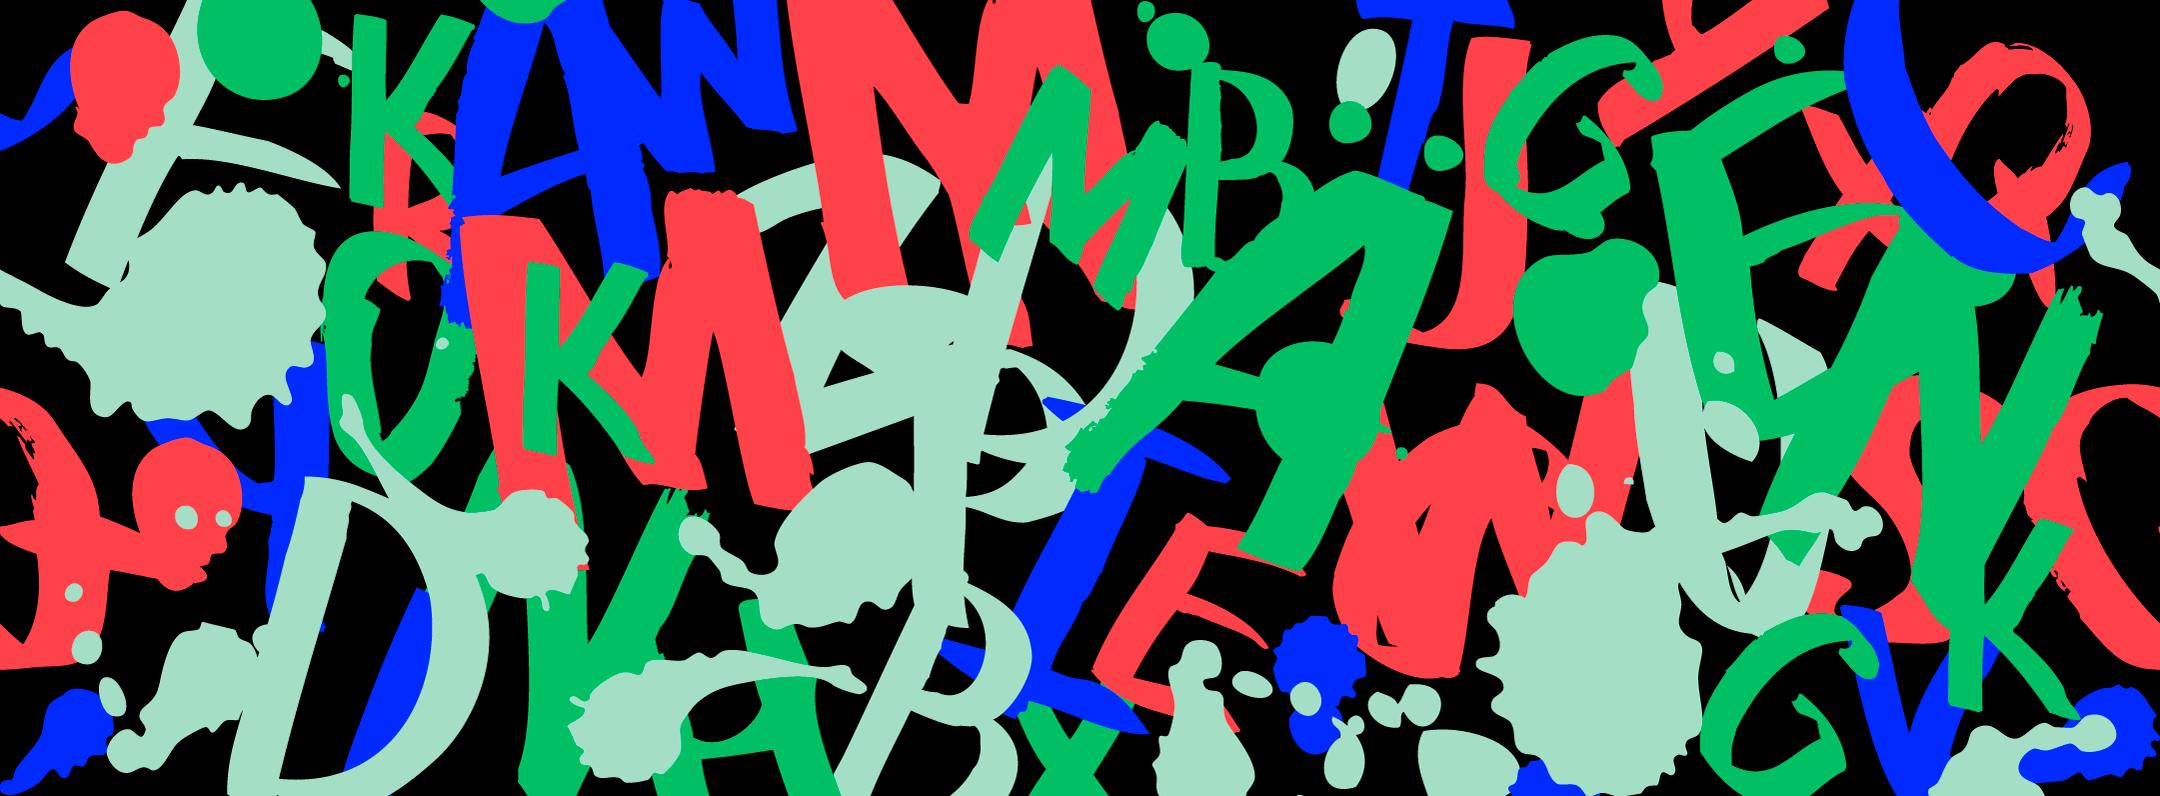 Mustalla alustalla värikkäitä kirjaimia sikin sokin.